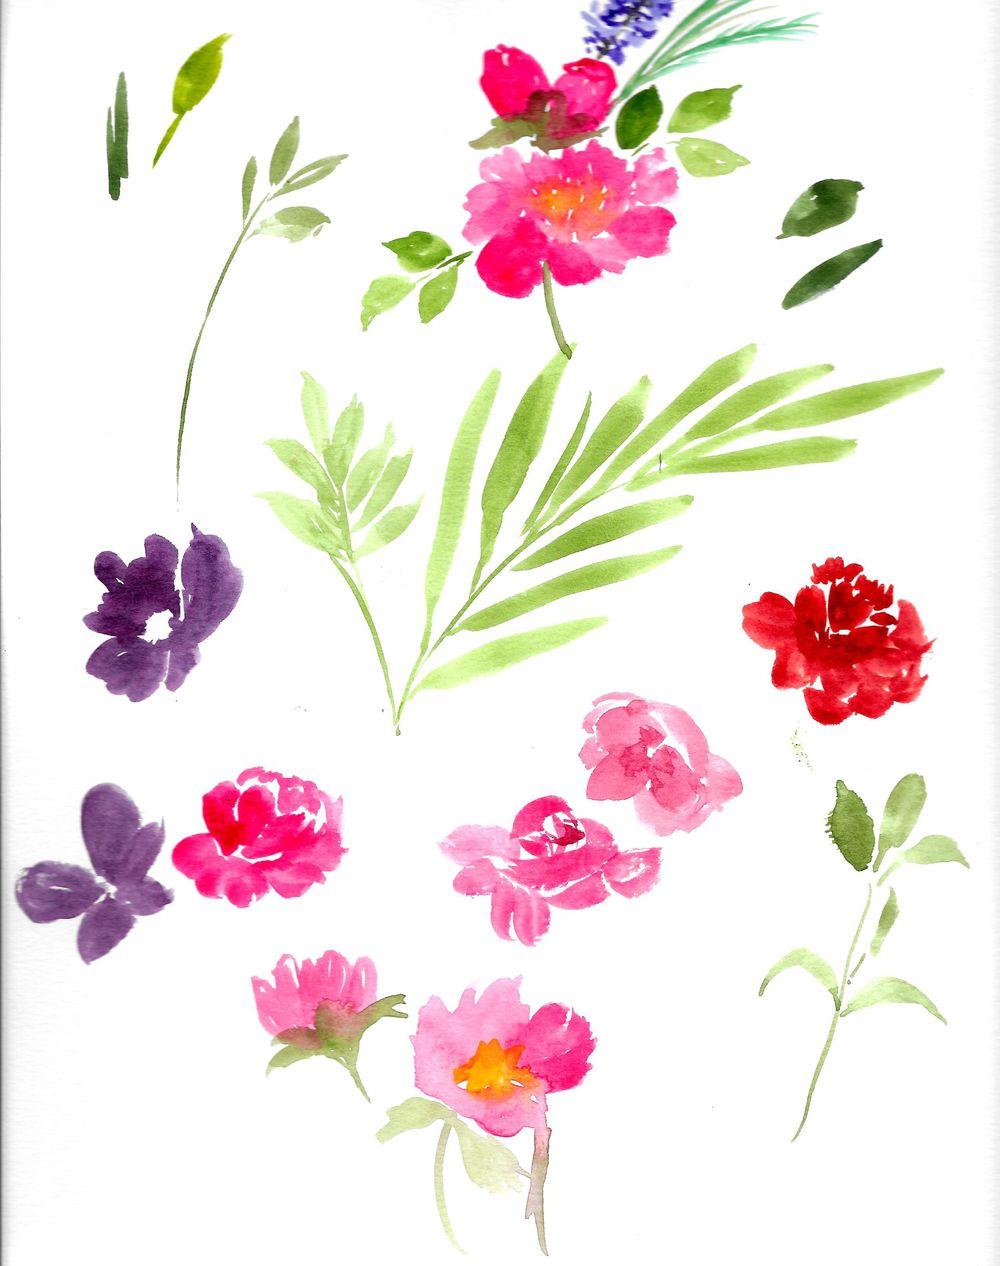 Watercolor Floral Arrangement - image 4 - student project